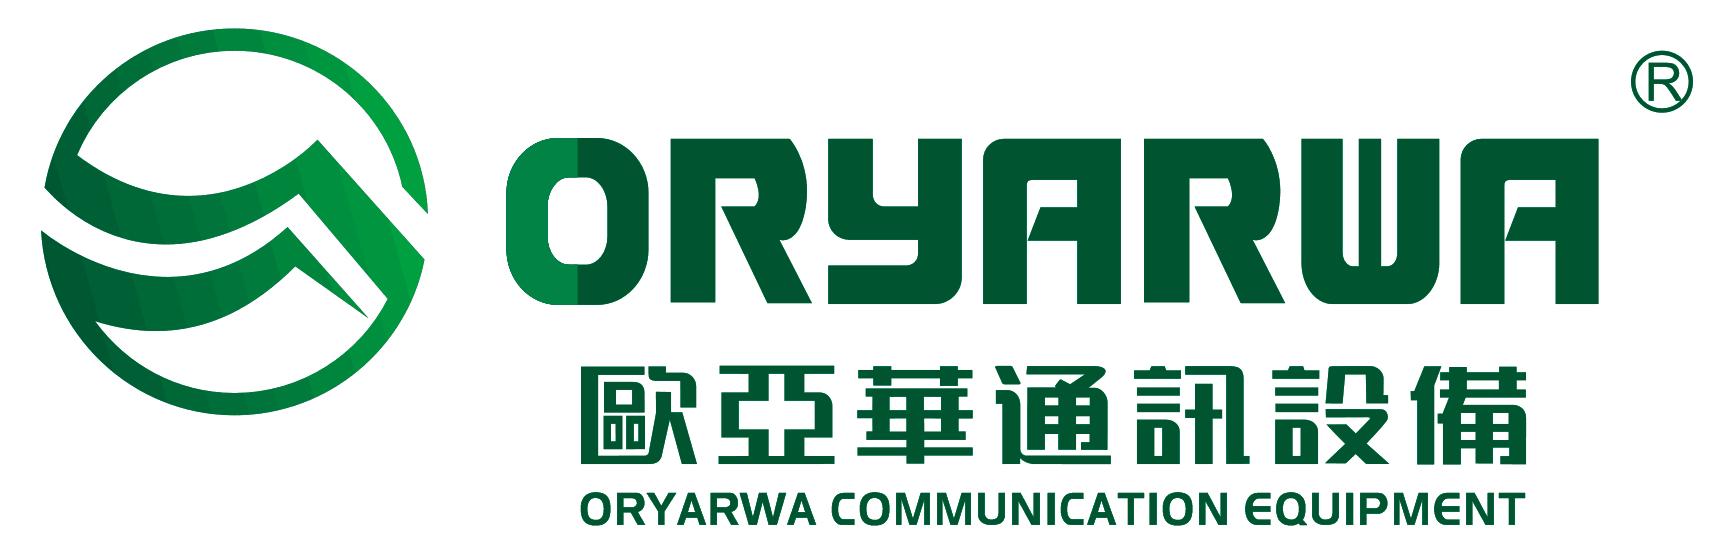 浙江欧亚华通讯设备有限公司